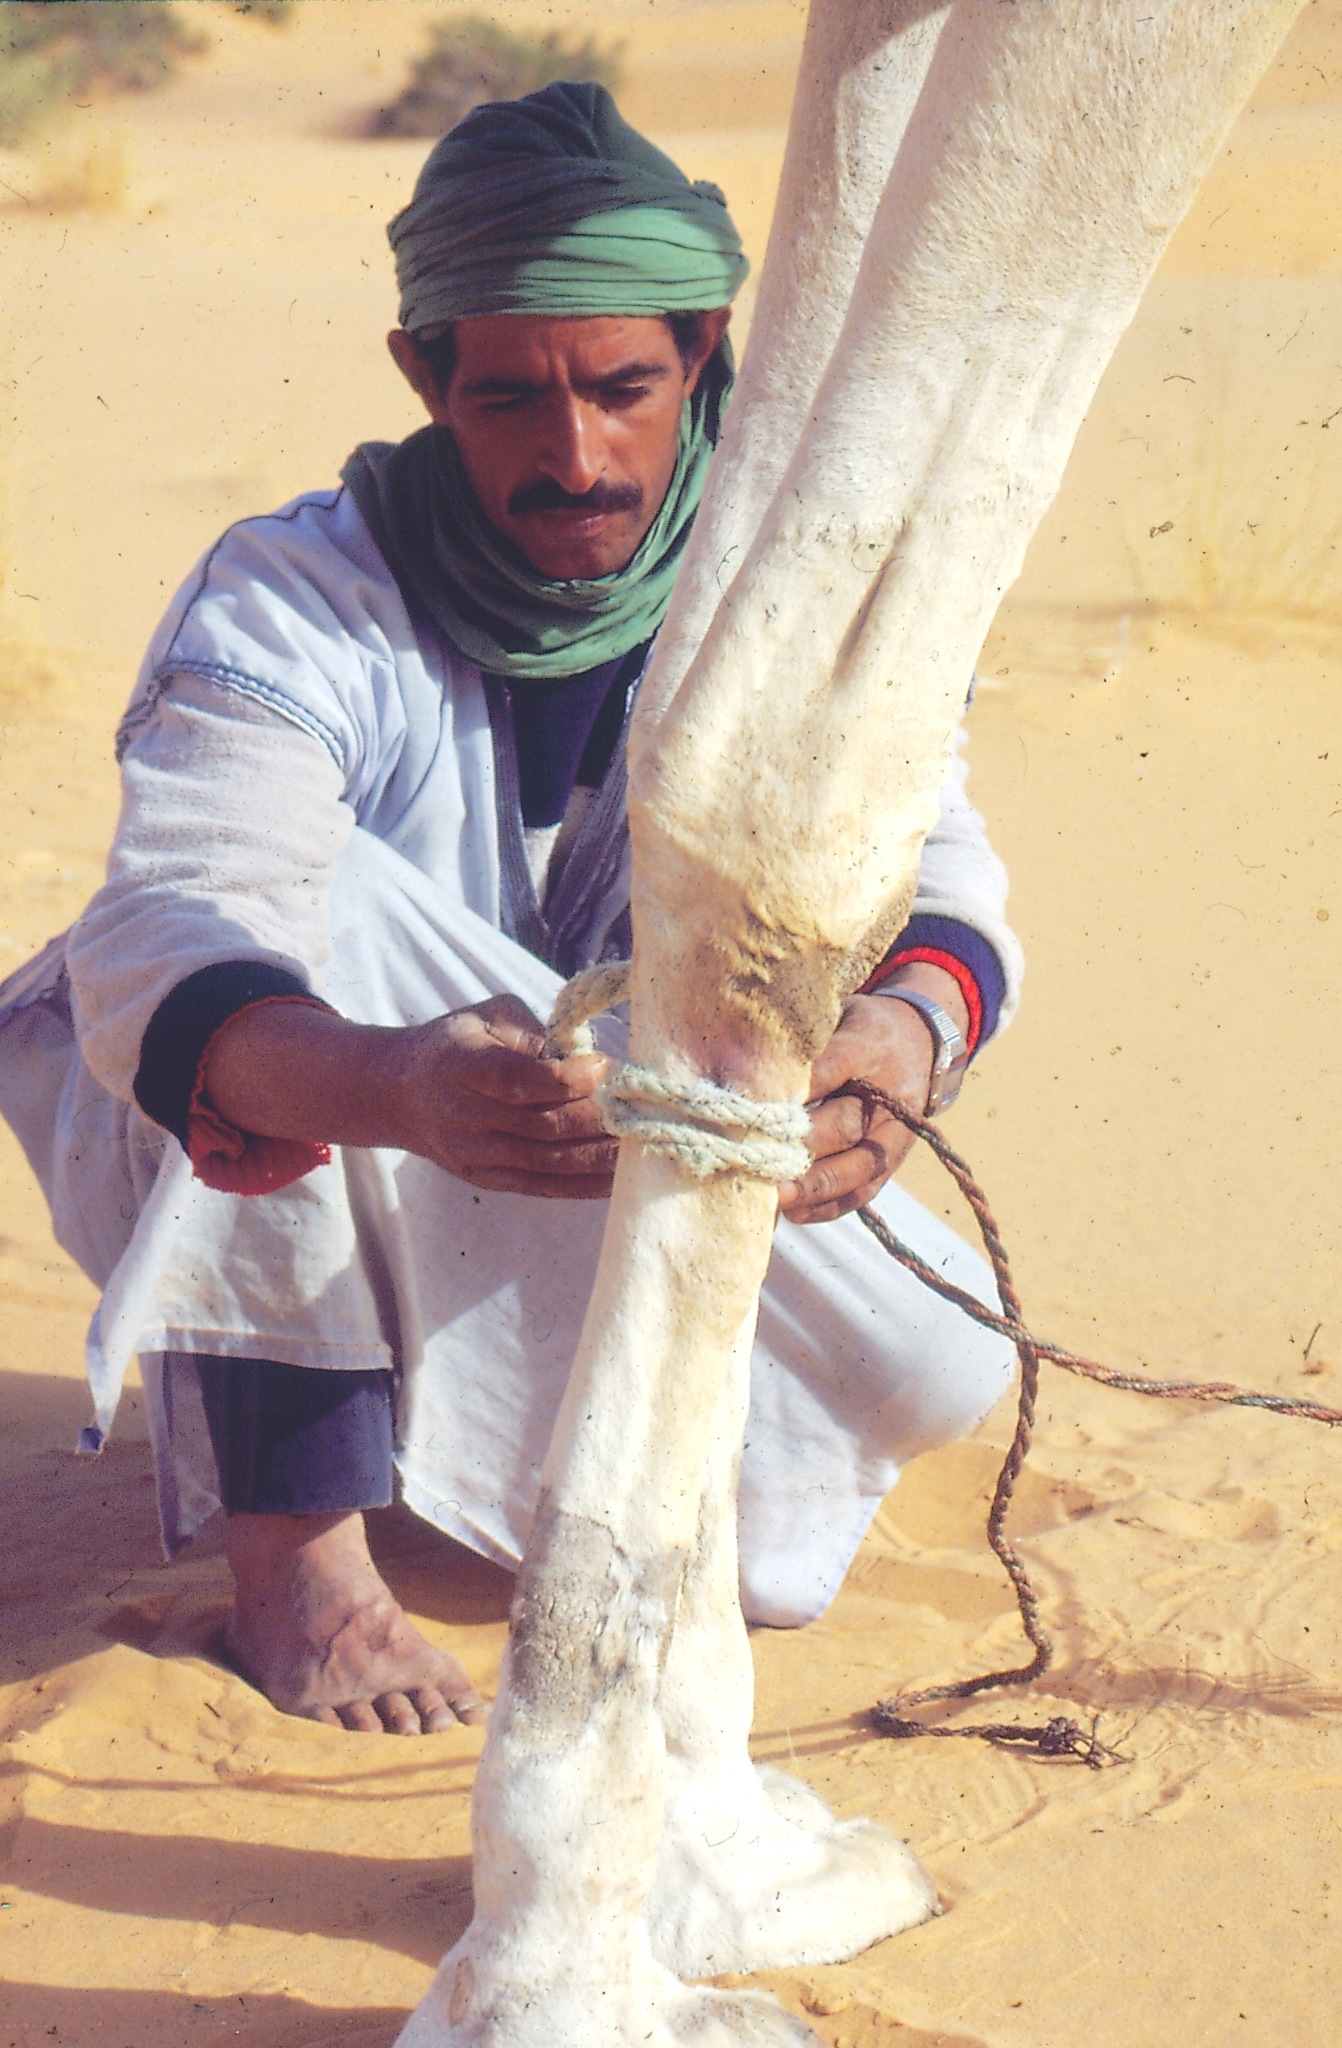 Nomade aux soins  de son dromadaire_Taghit-Algérie by benkoua